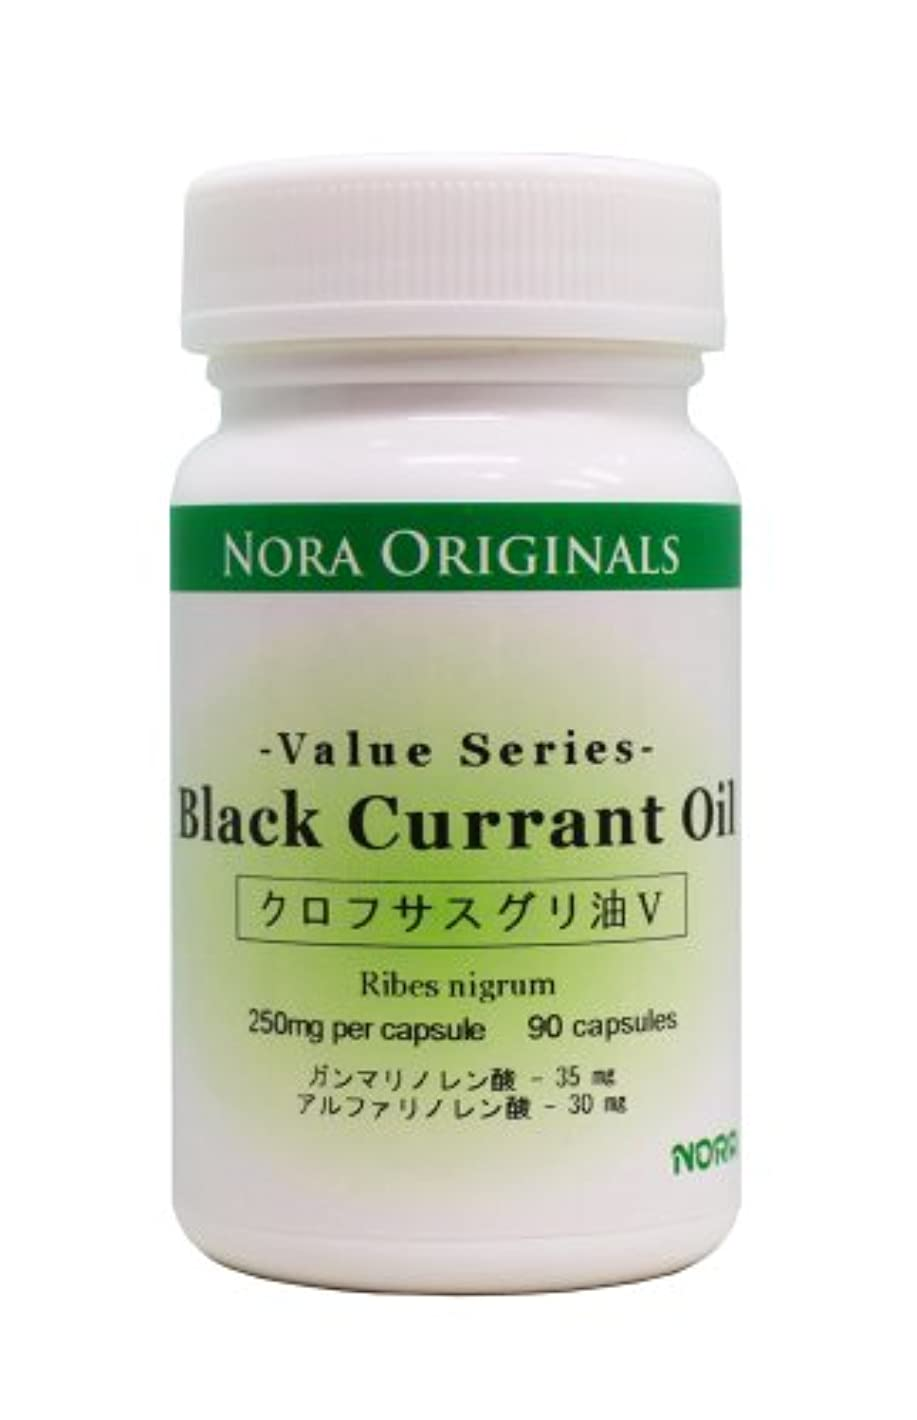 音楽を聴く現在カップノラ?オリジナルズ クロフサスグリ油 V Black Currant Oil V オイル 250mg 90カプセル